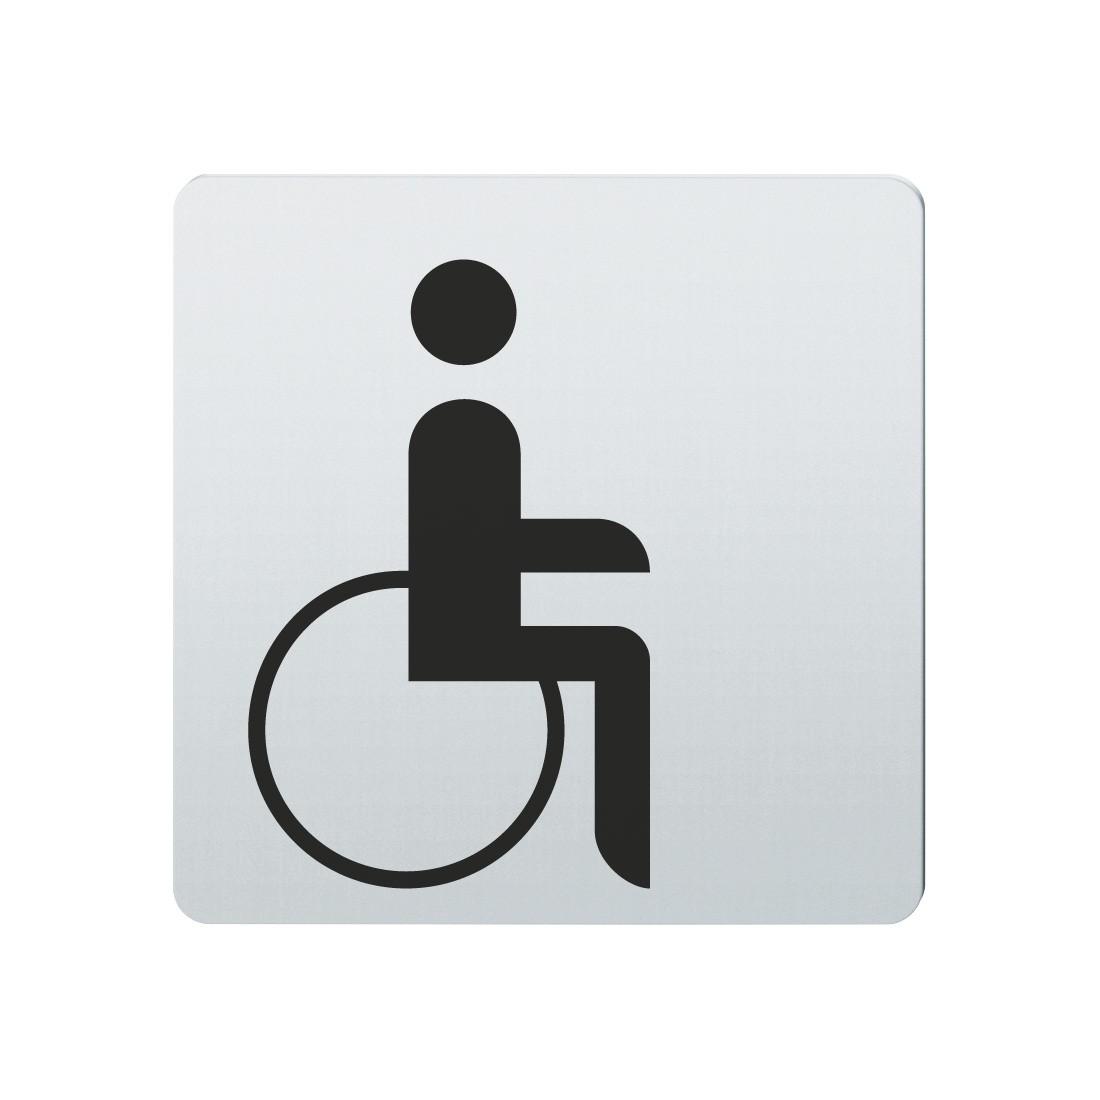 FSB Hinweiszeichen Menschen mit Handicap Lasergraviert Edelstahl fein matt (0 36 4059 00103 6204)